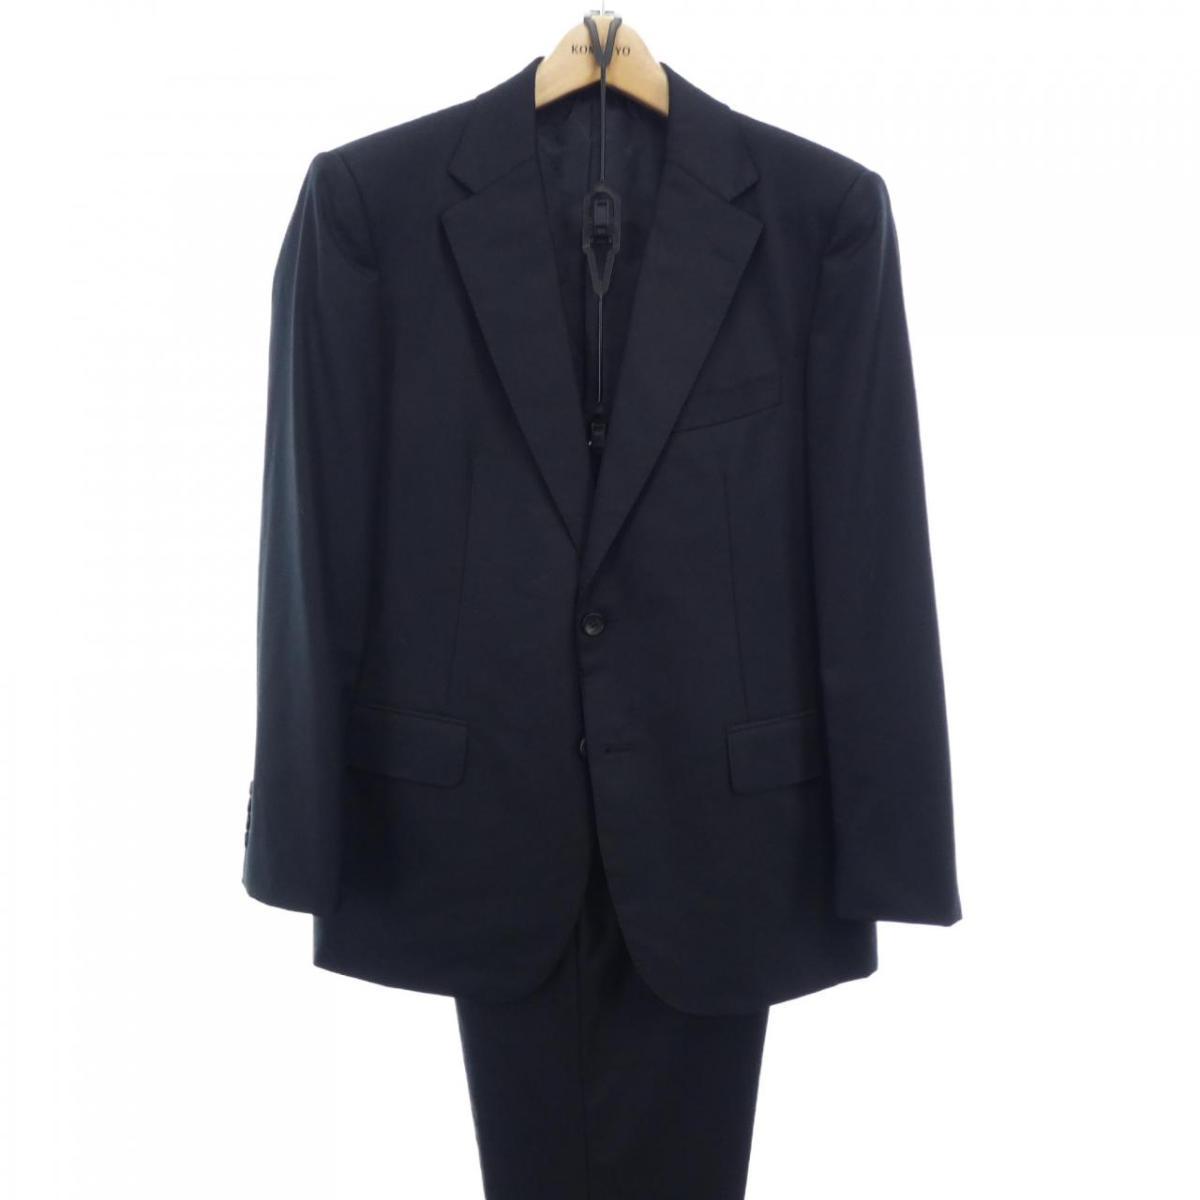 マッキントッシュロンドン MACKINTOSH LONDON スーツ【中古】